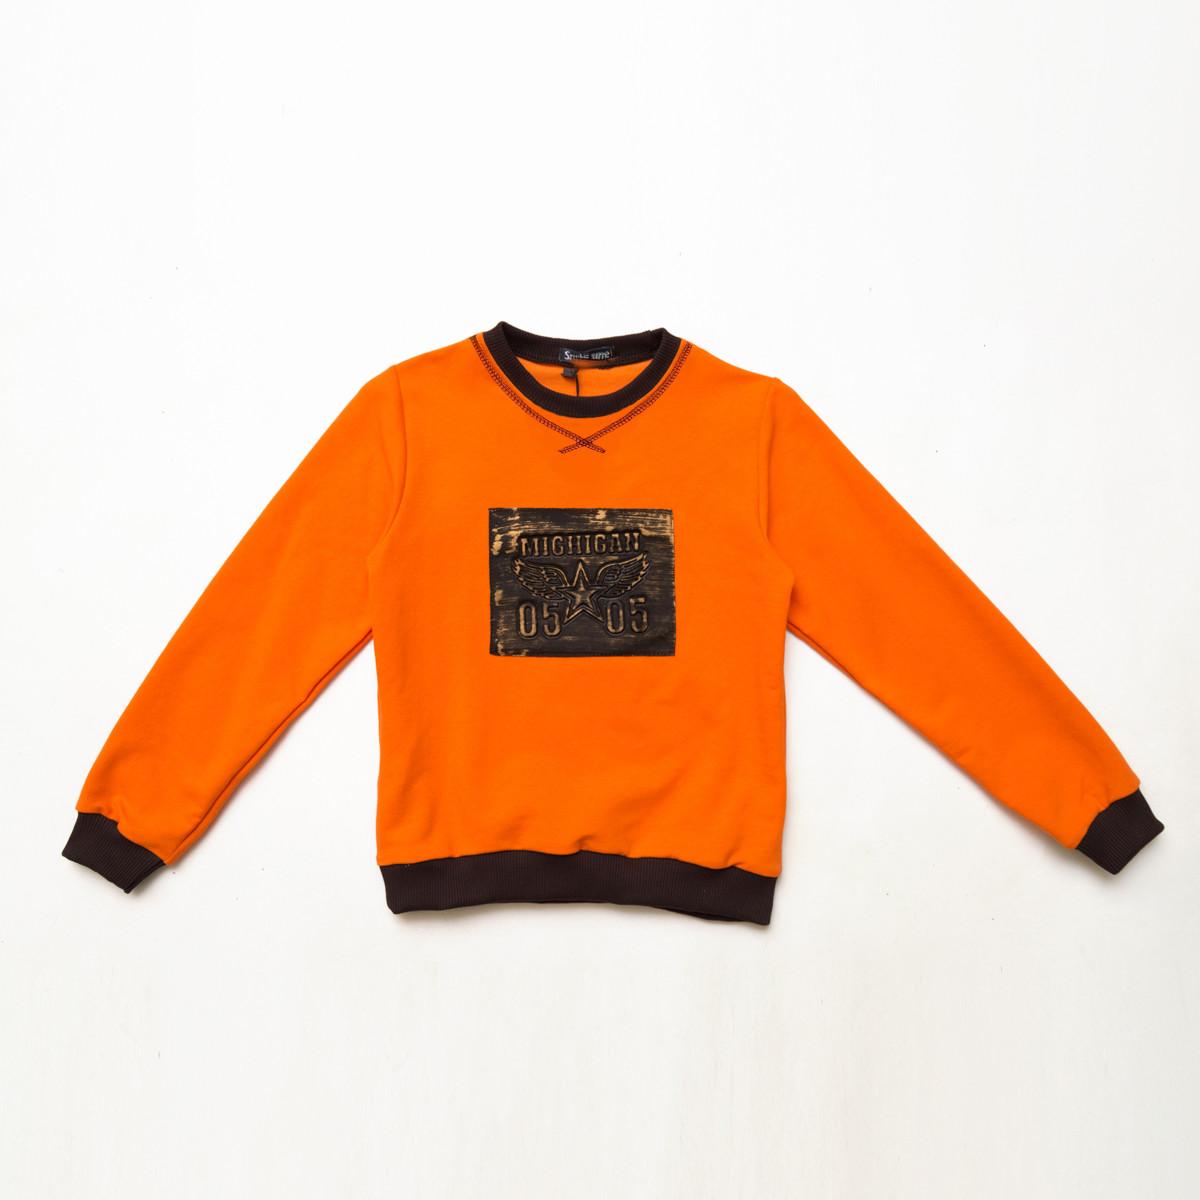 Світшот дитячий SmileTime Michigan, помаранчевий